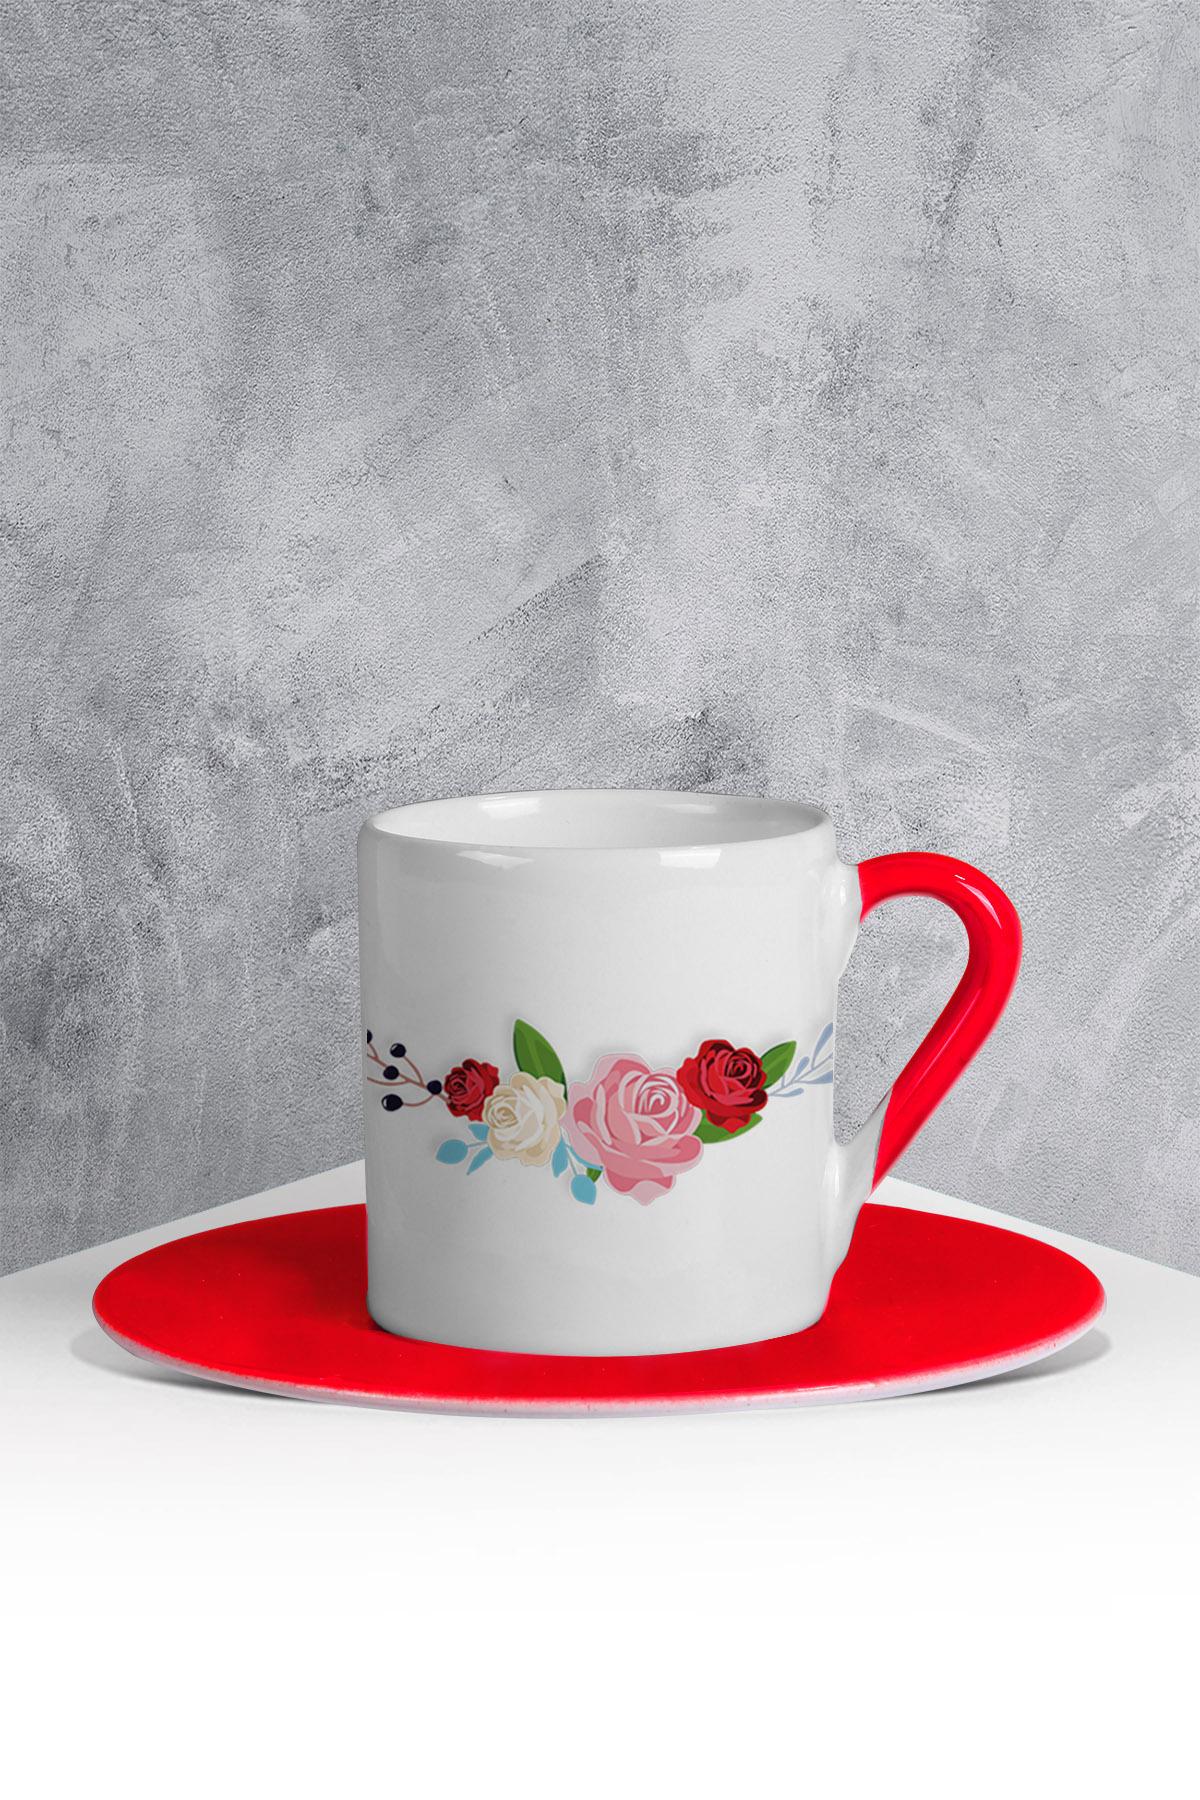 كوب قهوة أحمر أبيض بطبعة ورود